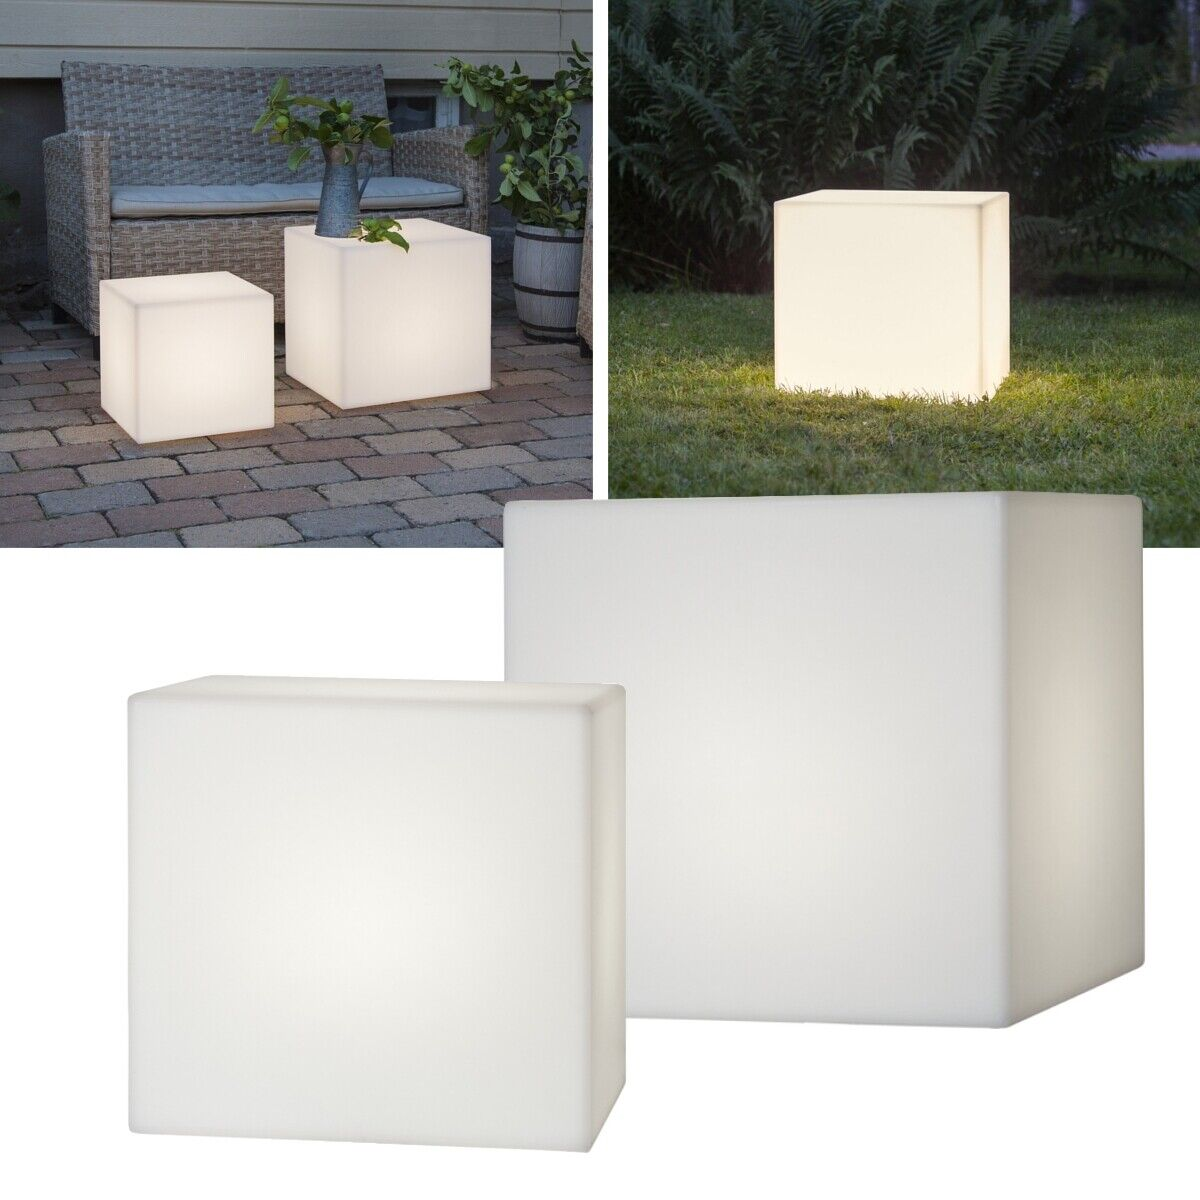 Cubo-lámpara 30 40cm con e27-versión 230v muebles-Lámpara LED jardín lámpara-ip65